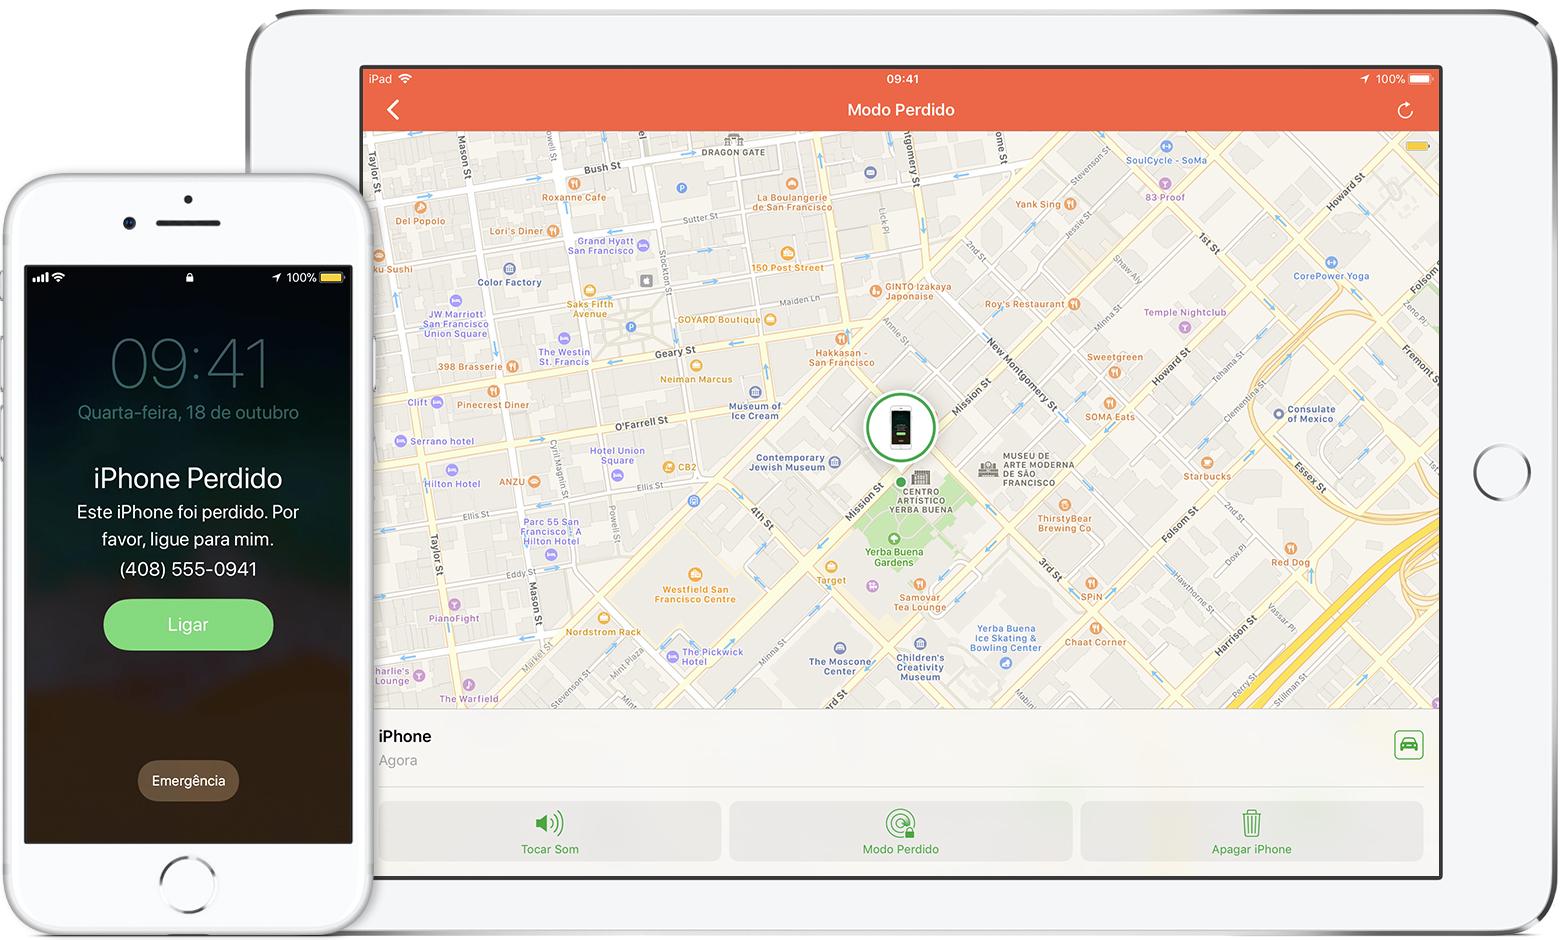 Em primeiro lugar, mantenha a ferramenta Buscar iPhone ativada no dispositivo